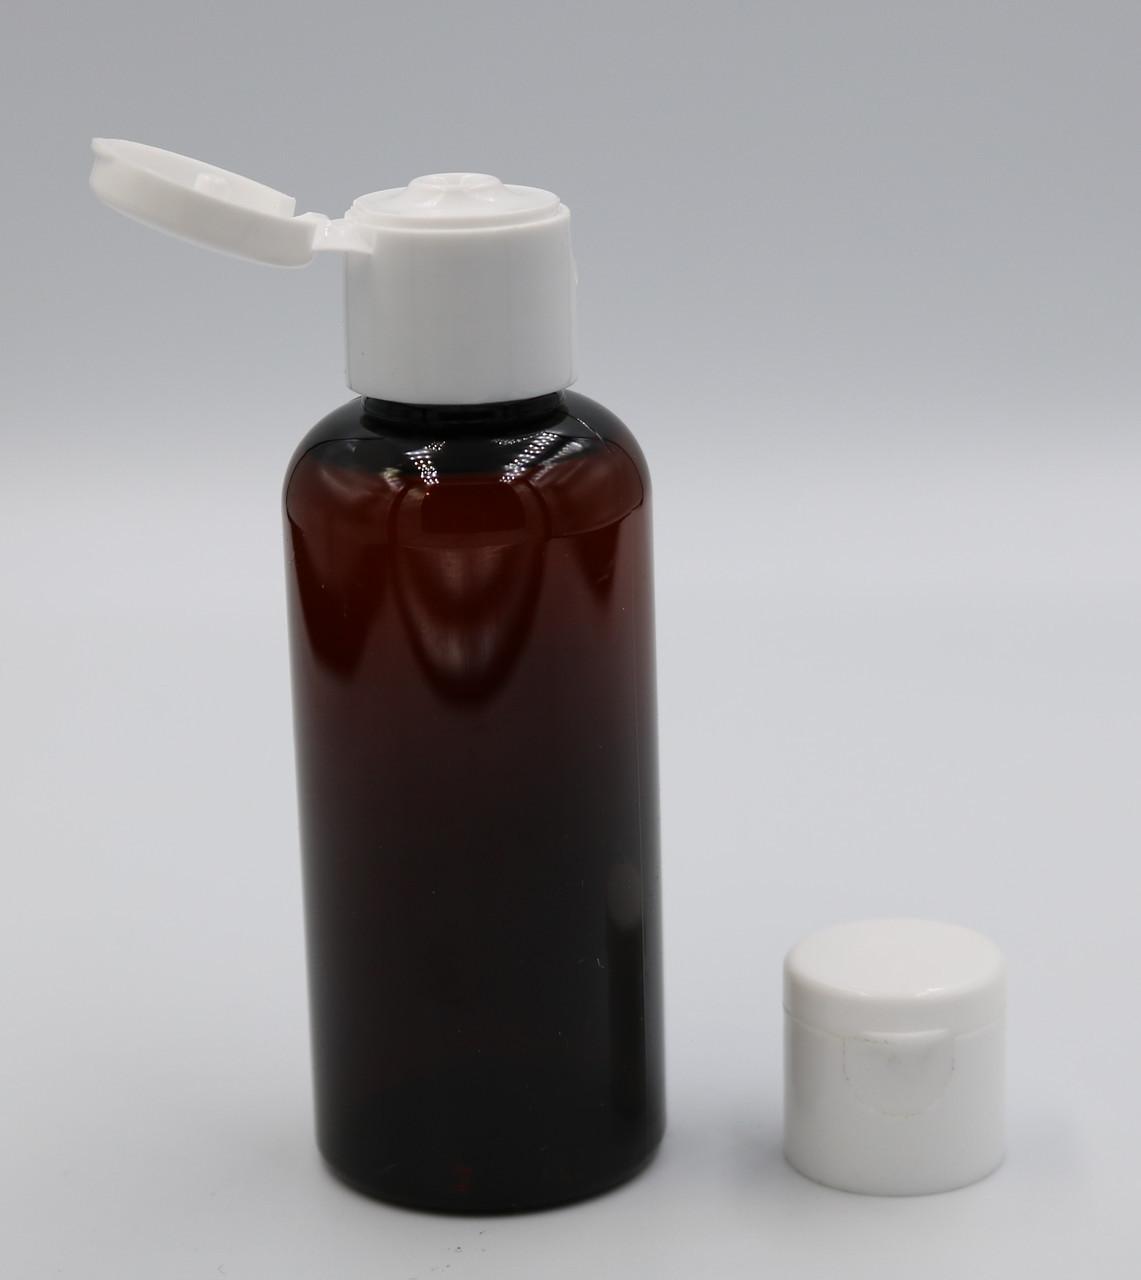 Бутылочка для антисептика 50 мл флип-топ Flip-top